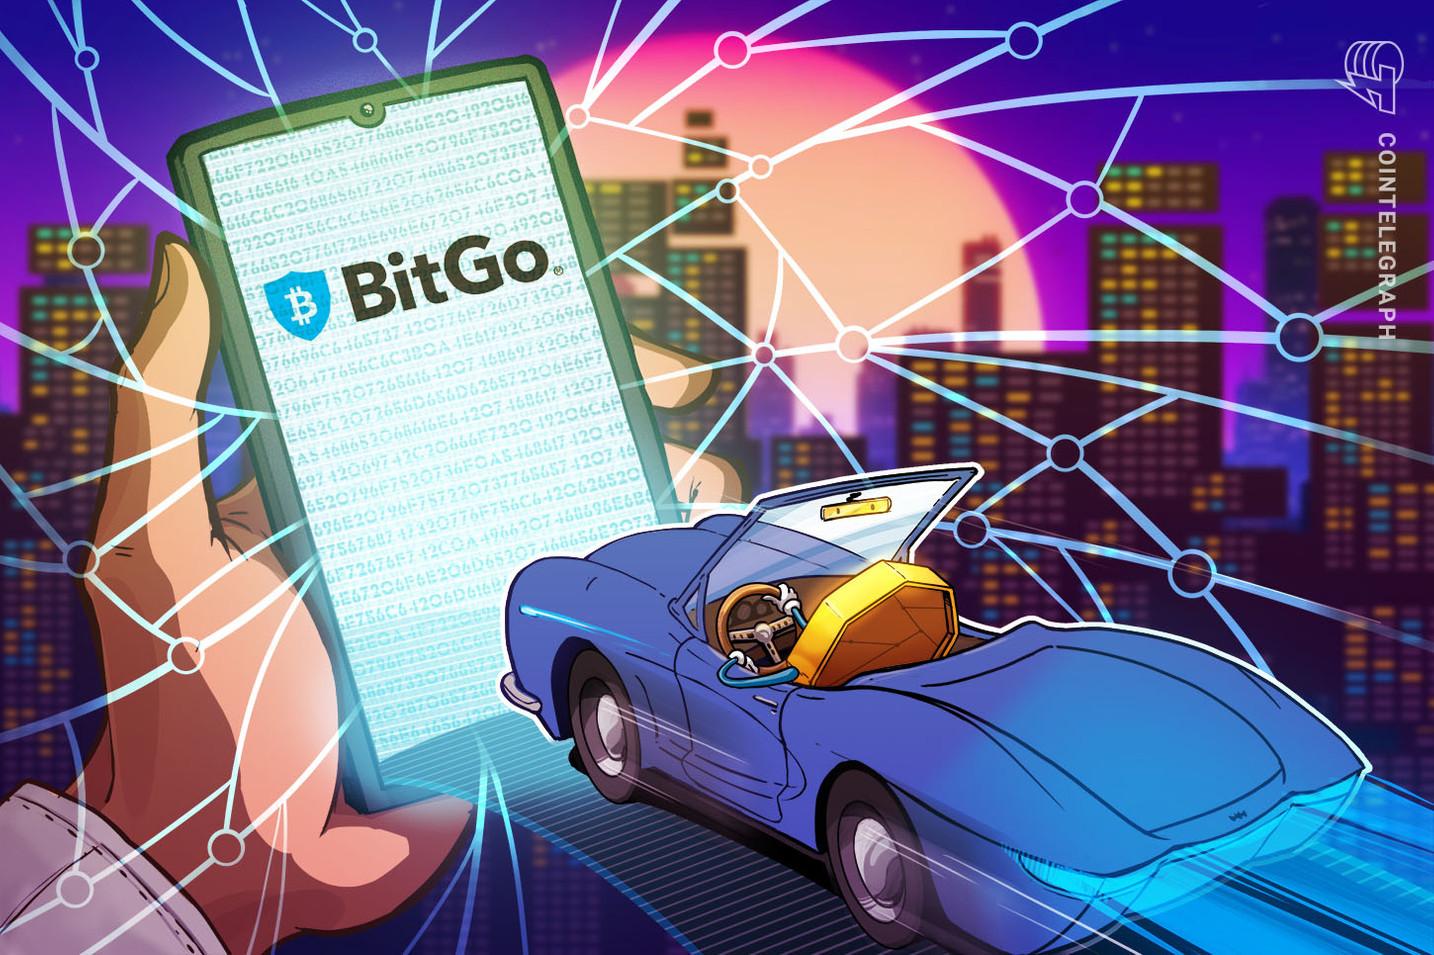 BitGo ha fatto domanda per una licenza crypto negli Stati Uniti